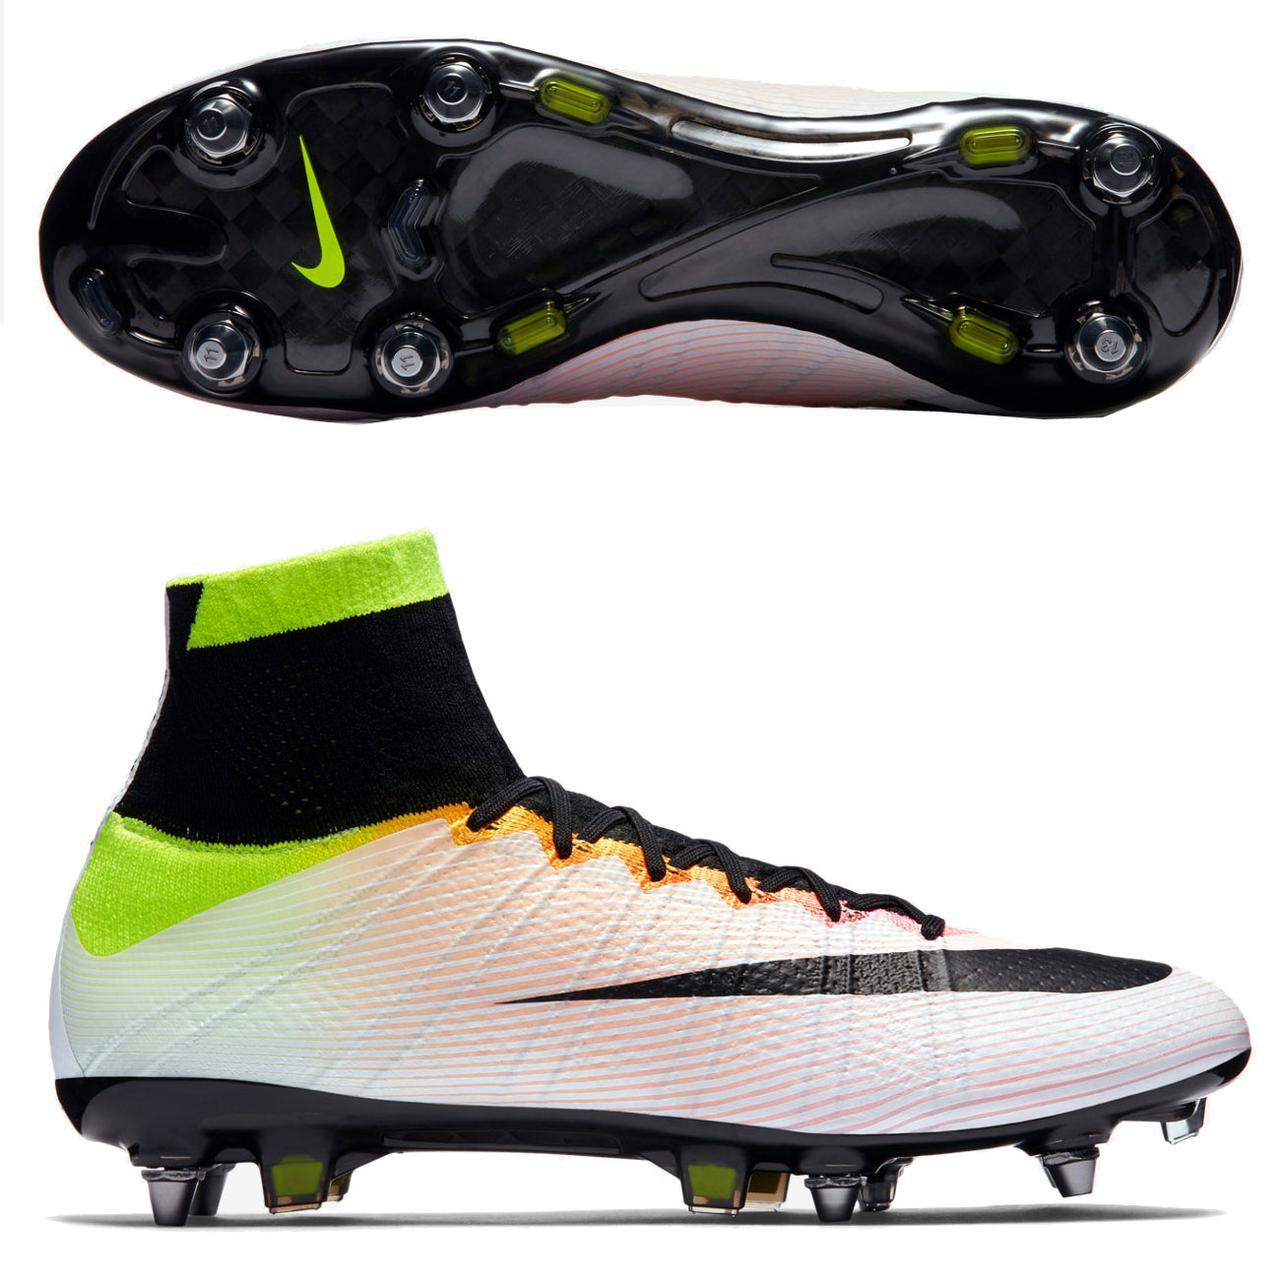 Футбольные бутсы Nike Mercurial Superfly SG Pro - ФУТБОЛЬНЫЙ ИНТЕРНЕТ  МАГАЗИН в Днепре 024272ad2bd